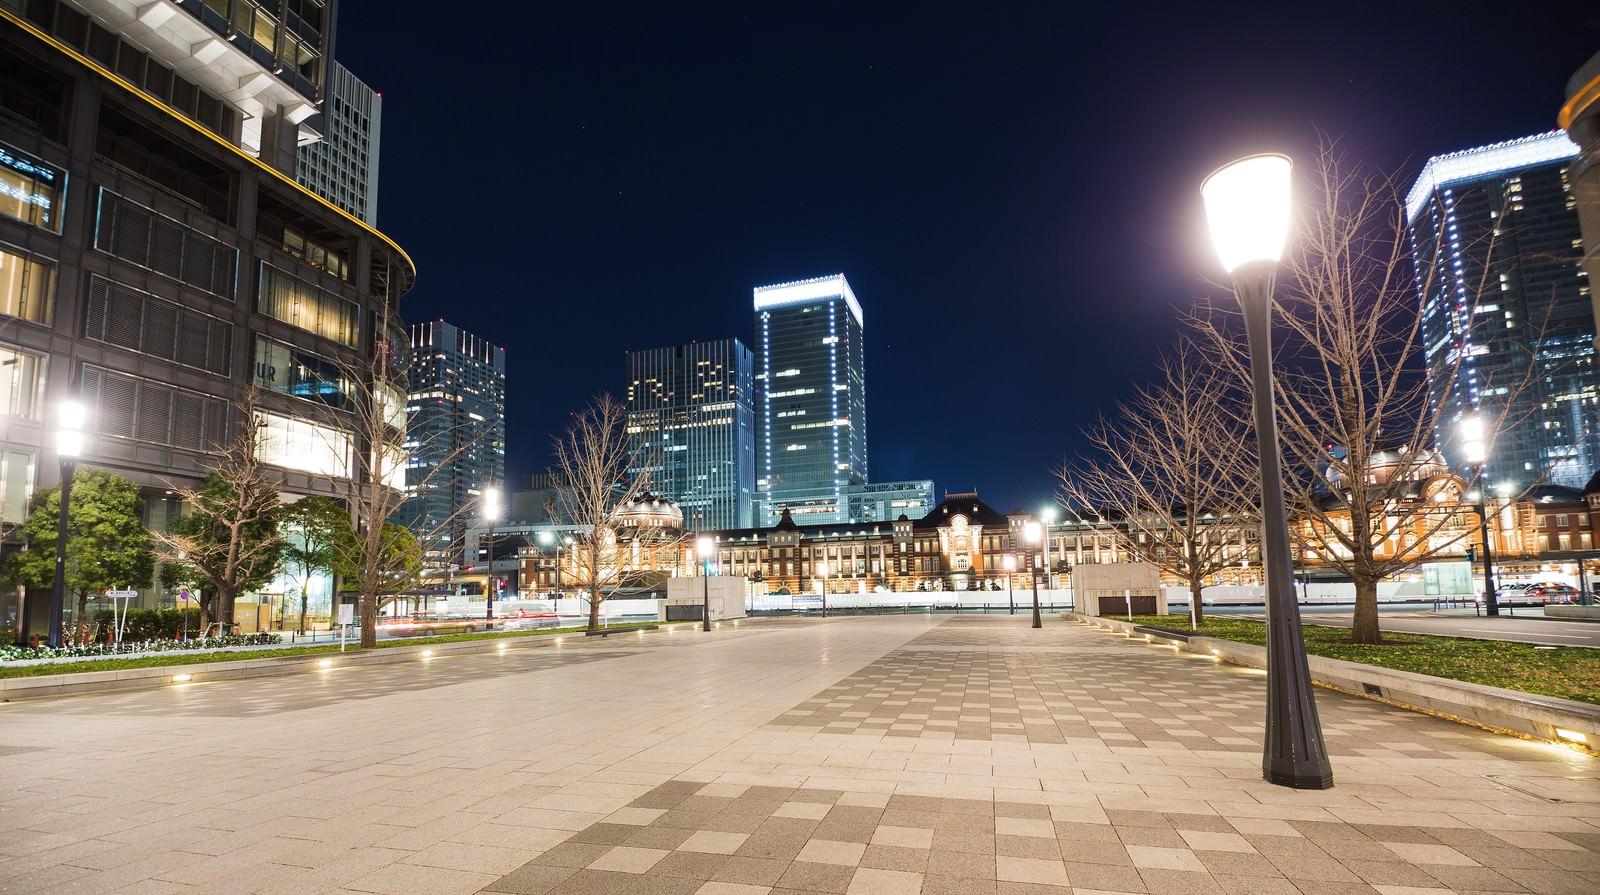 「夜の東京駅前と街灯」の写真